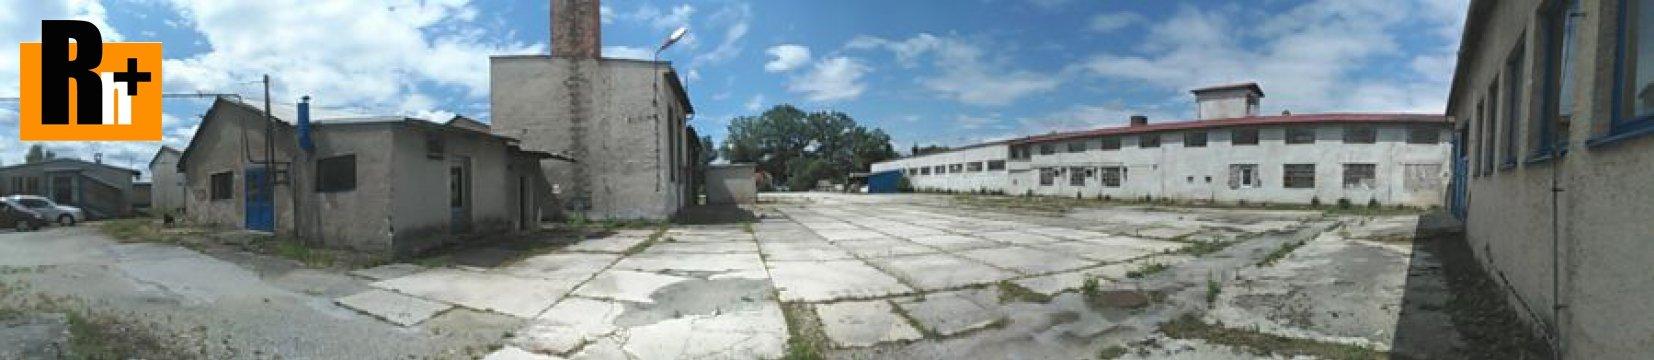 Foto Turčianske Teplice skladovacie priestory na predaj - ihneď k dispozícii